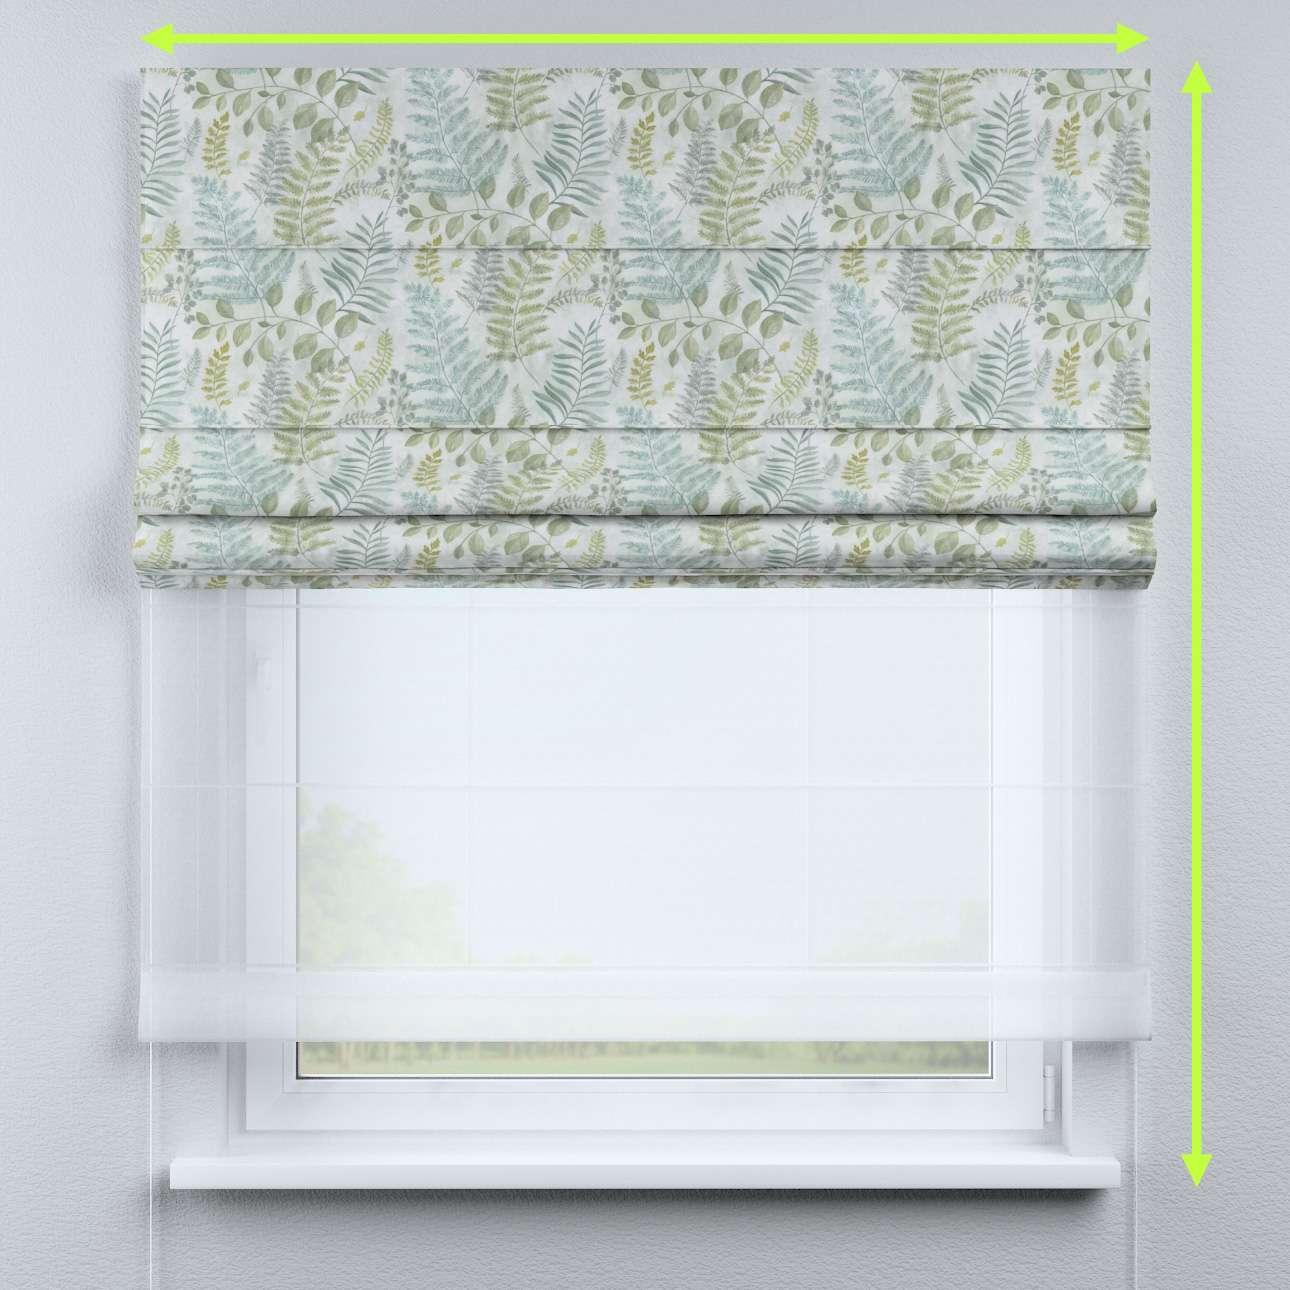 Rímska DUO roleta II V kolekcii Pastel Forest, tkanina: 142-46